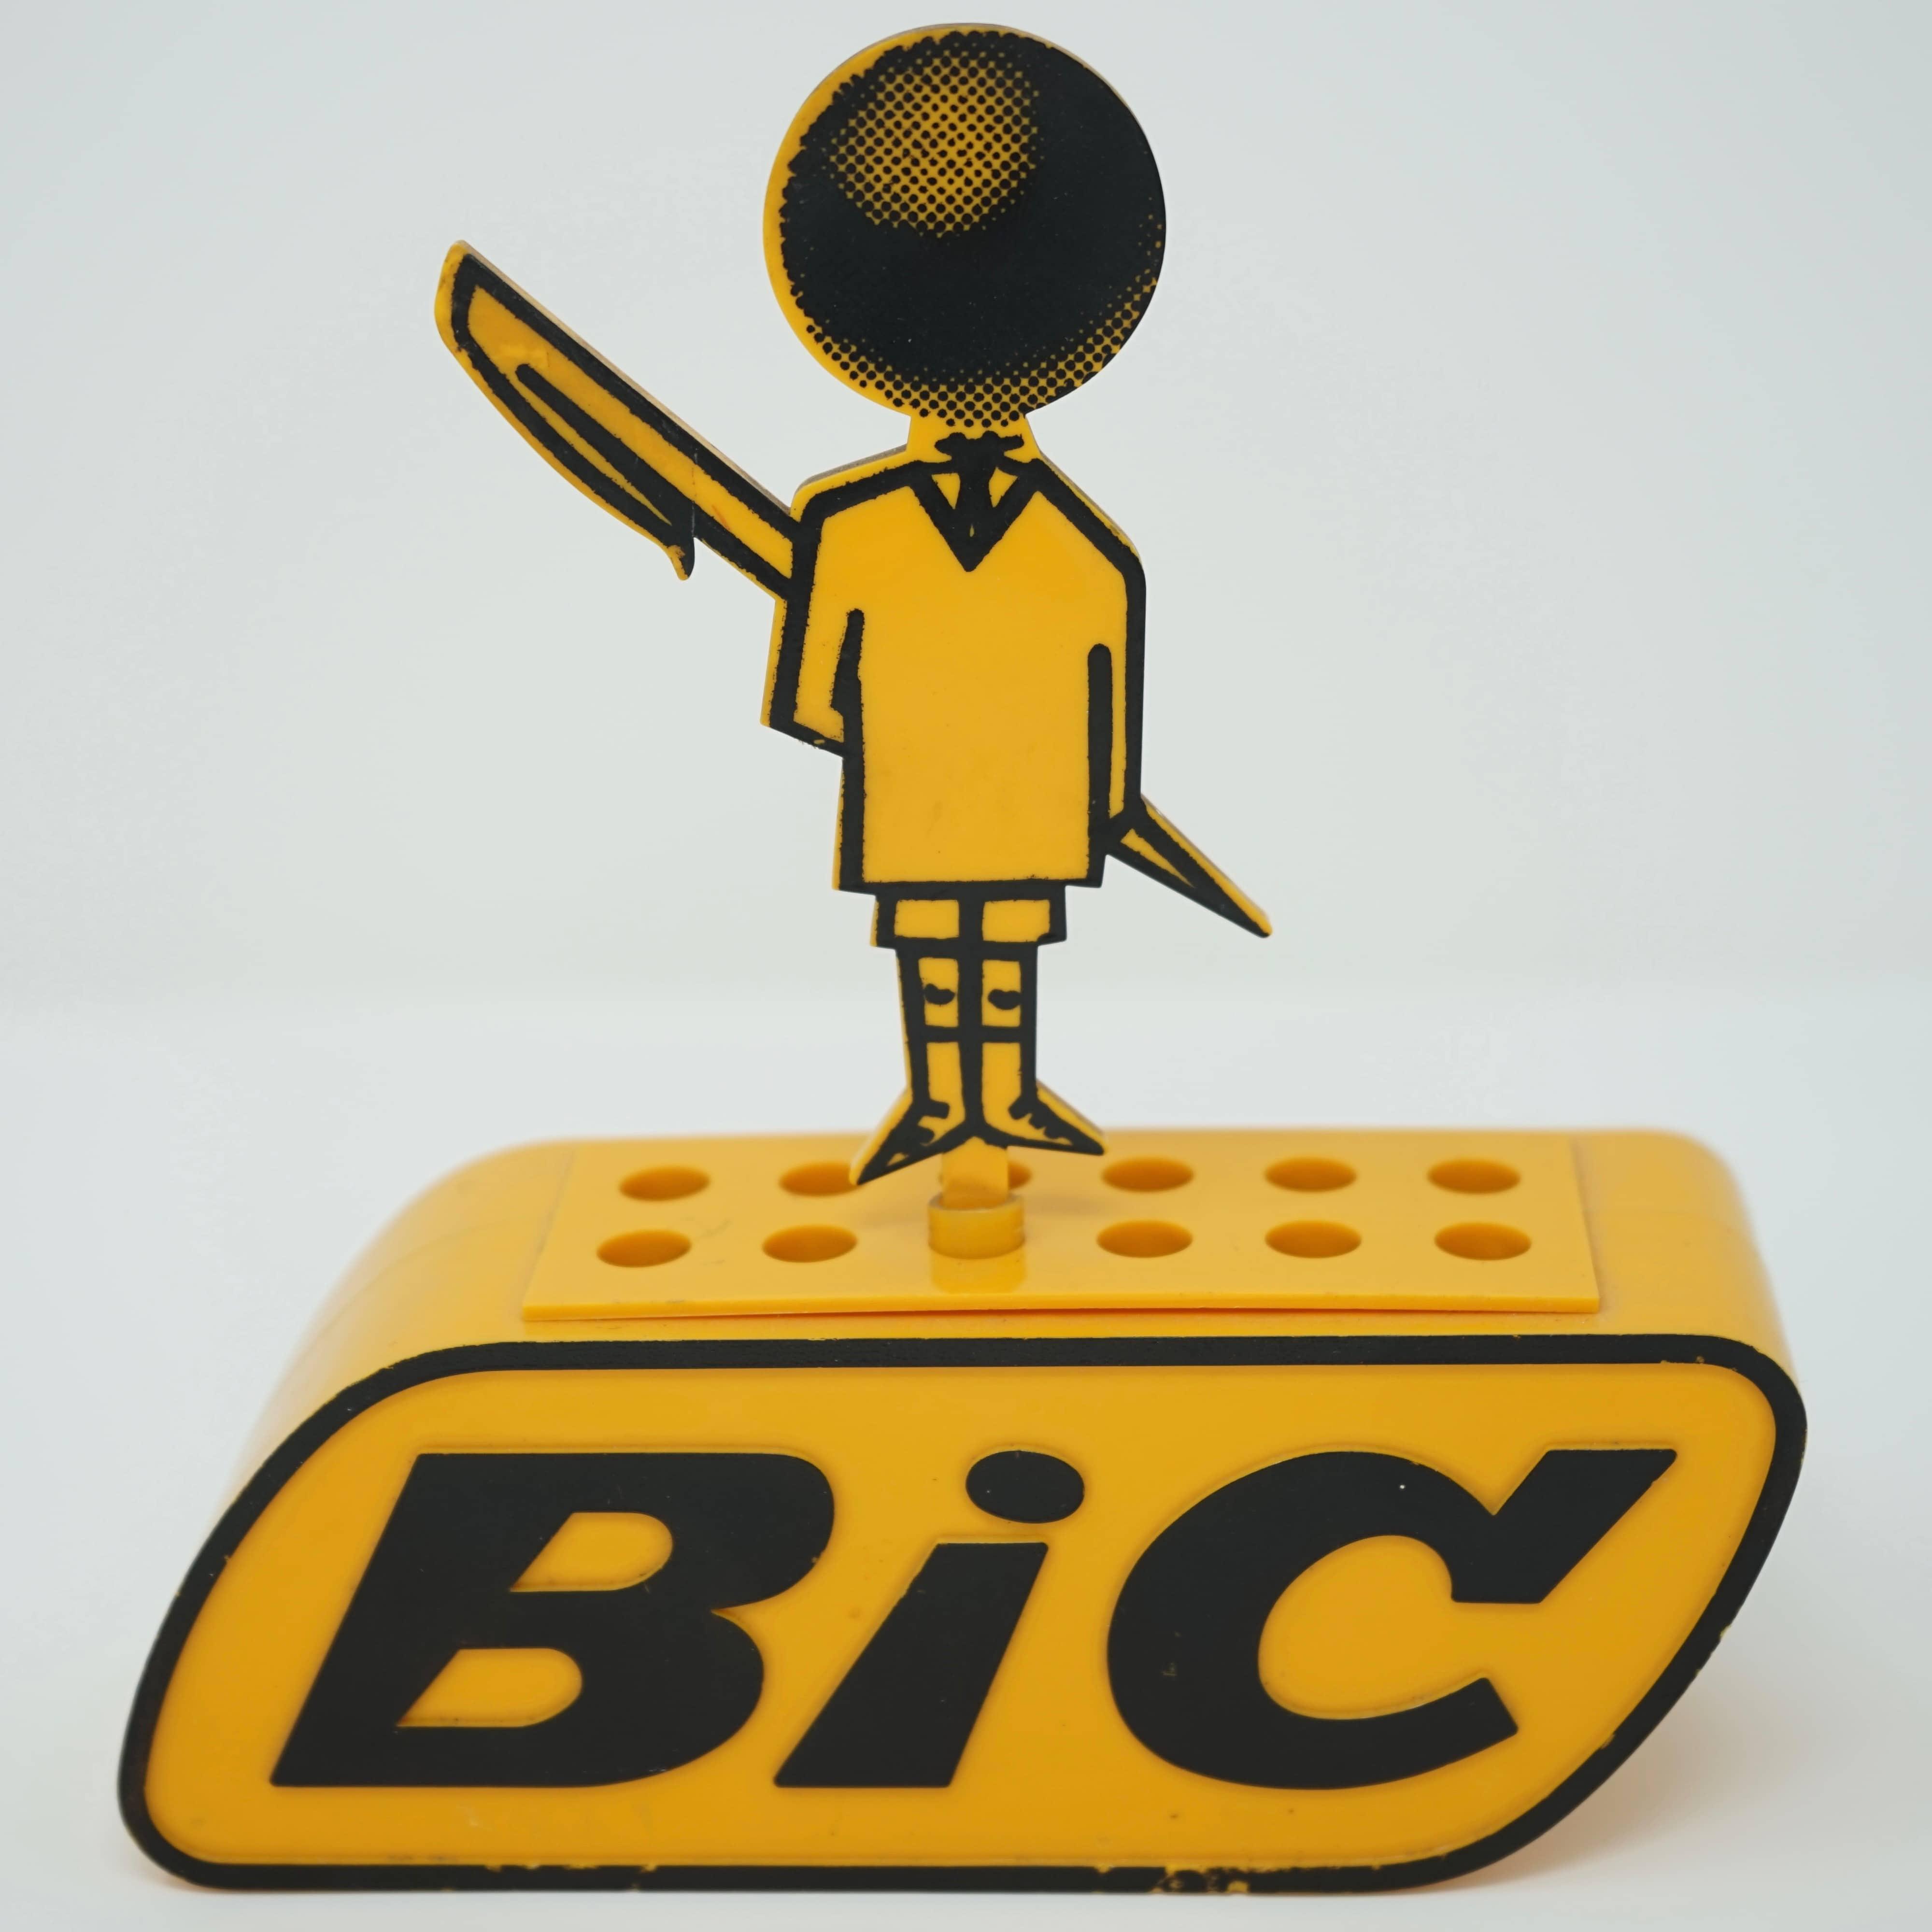 Présentoir à stylos BIC publicitaire des années 60 aux couleurs de la marque (orange et noir)